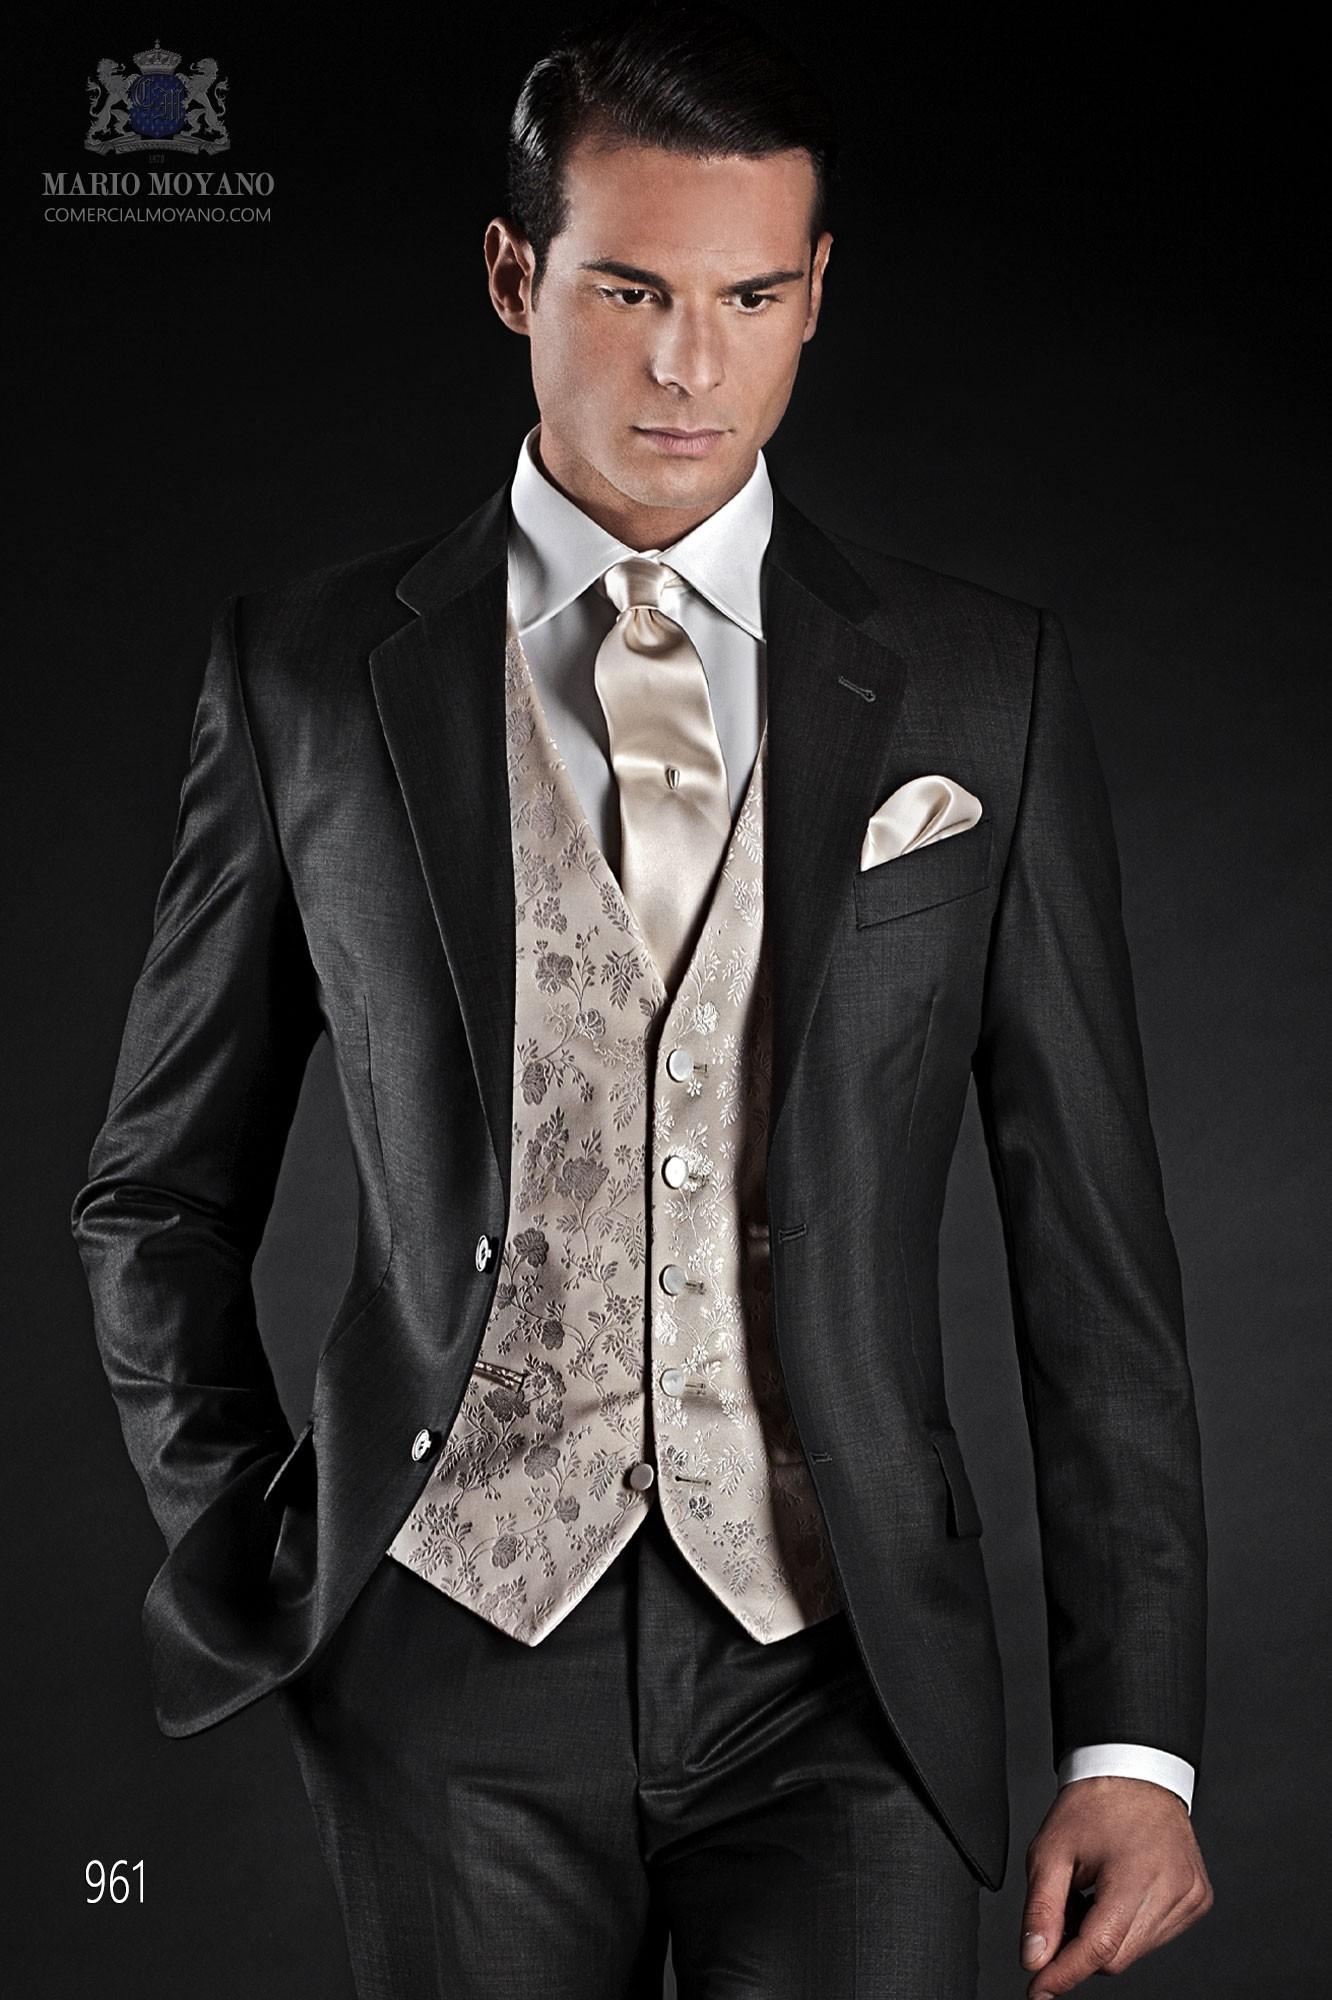 Traje de novio italiano gris modelo: 961 Ottavio Nuccio Gala colección Gentleman